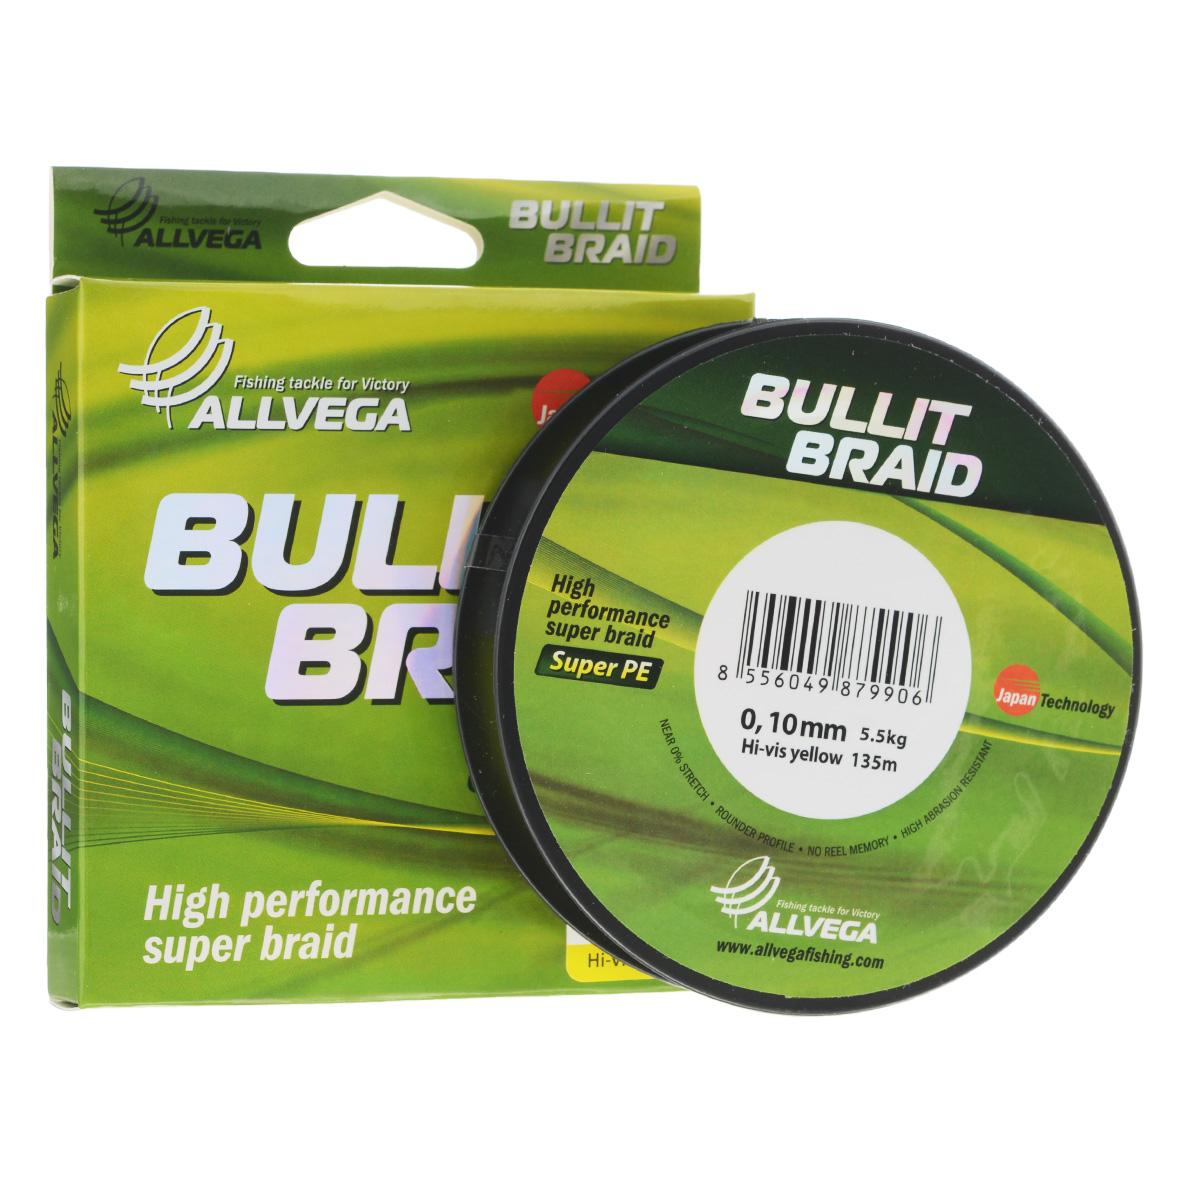 Леска плетеная Allvega Bullit Braid, цвет: ярко-желтый, 135 м, 0,10 мм, 5,5 кг03/1/12Леска Allvega Bullit Braid с гладкой поверхностью и одинаковым сечением по всей длине обладает высокой износостойкостью. Благодаря микроволокнам полиэтилена (Super PE) леска имеет очень плотное плетение и не впитывает воду. Леску Allvega Bullit Braid можно применять в любых типах водоемов. Особенности:повышенная износостойкость;высокая чувствительность - коэффициент растяжения близок к нулю;отсутствует память; идеально гладкая поверхность позволяет увеличить дальность забросов; высокая прочность шнура на узлах.